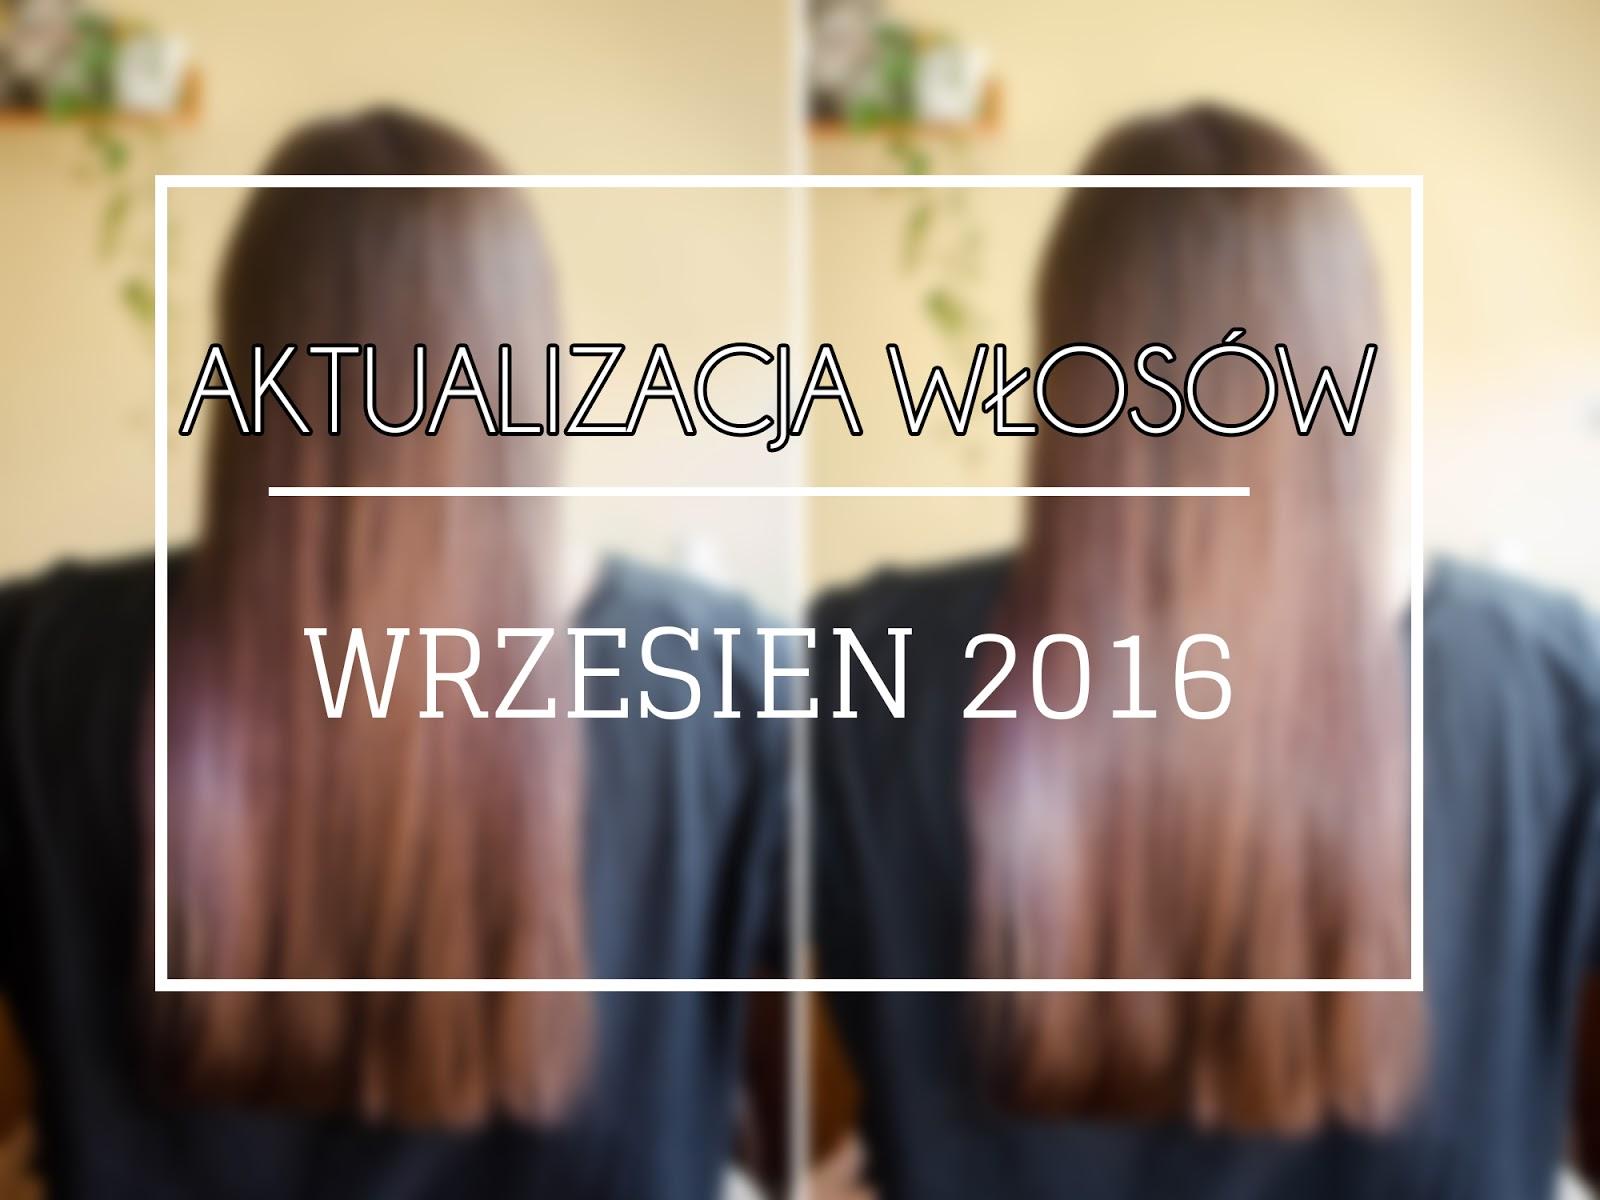 Aktualizacja włosów | wrzesień 2016